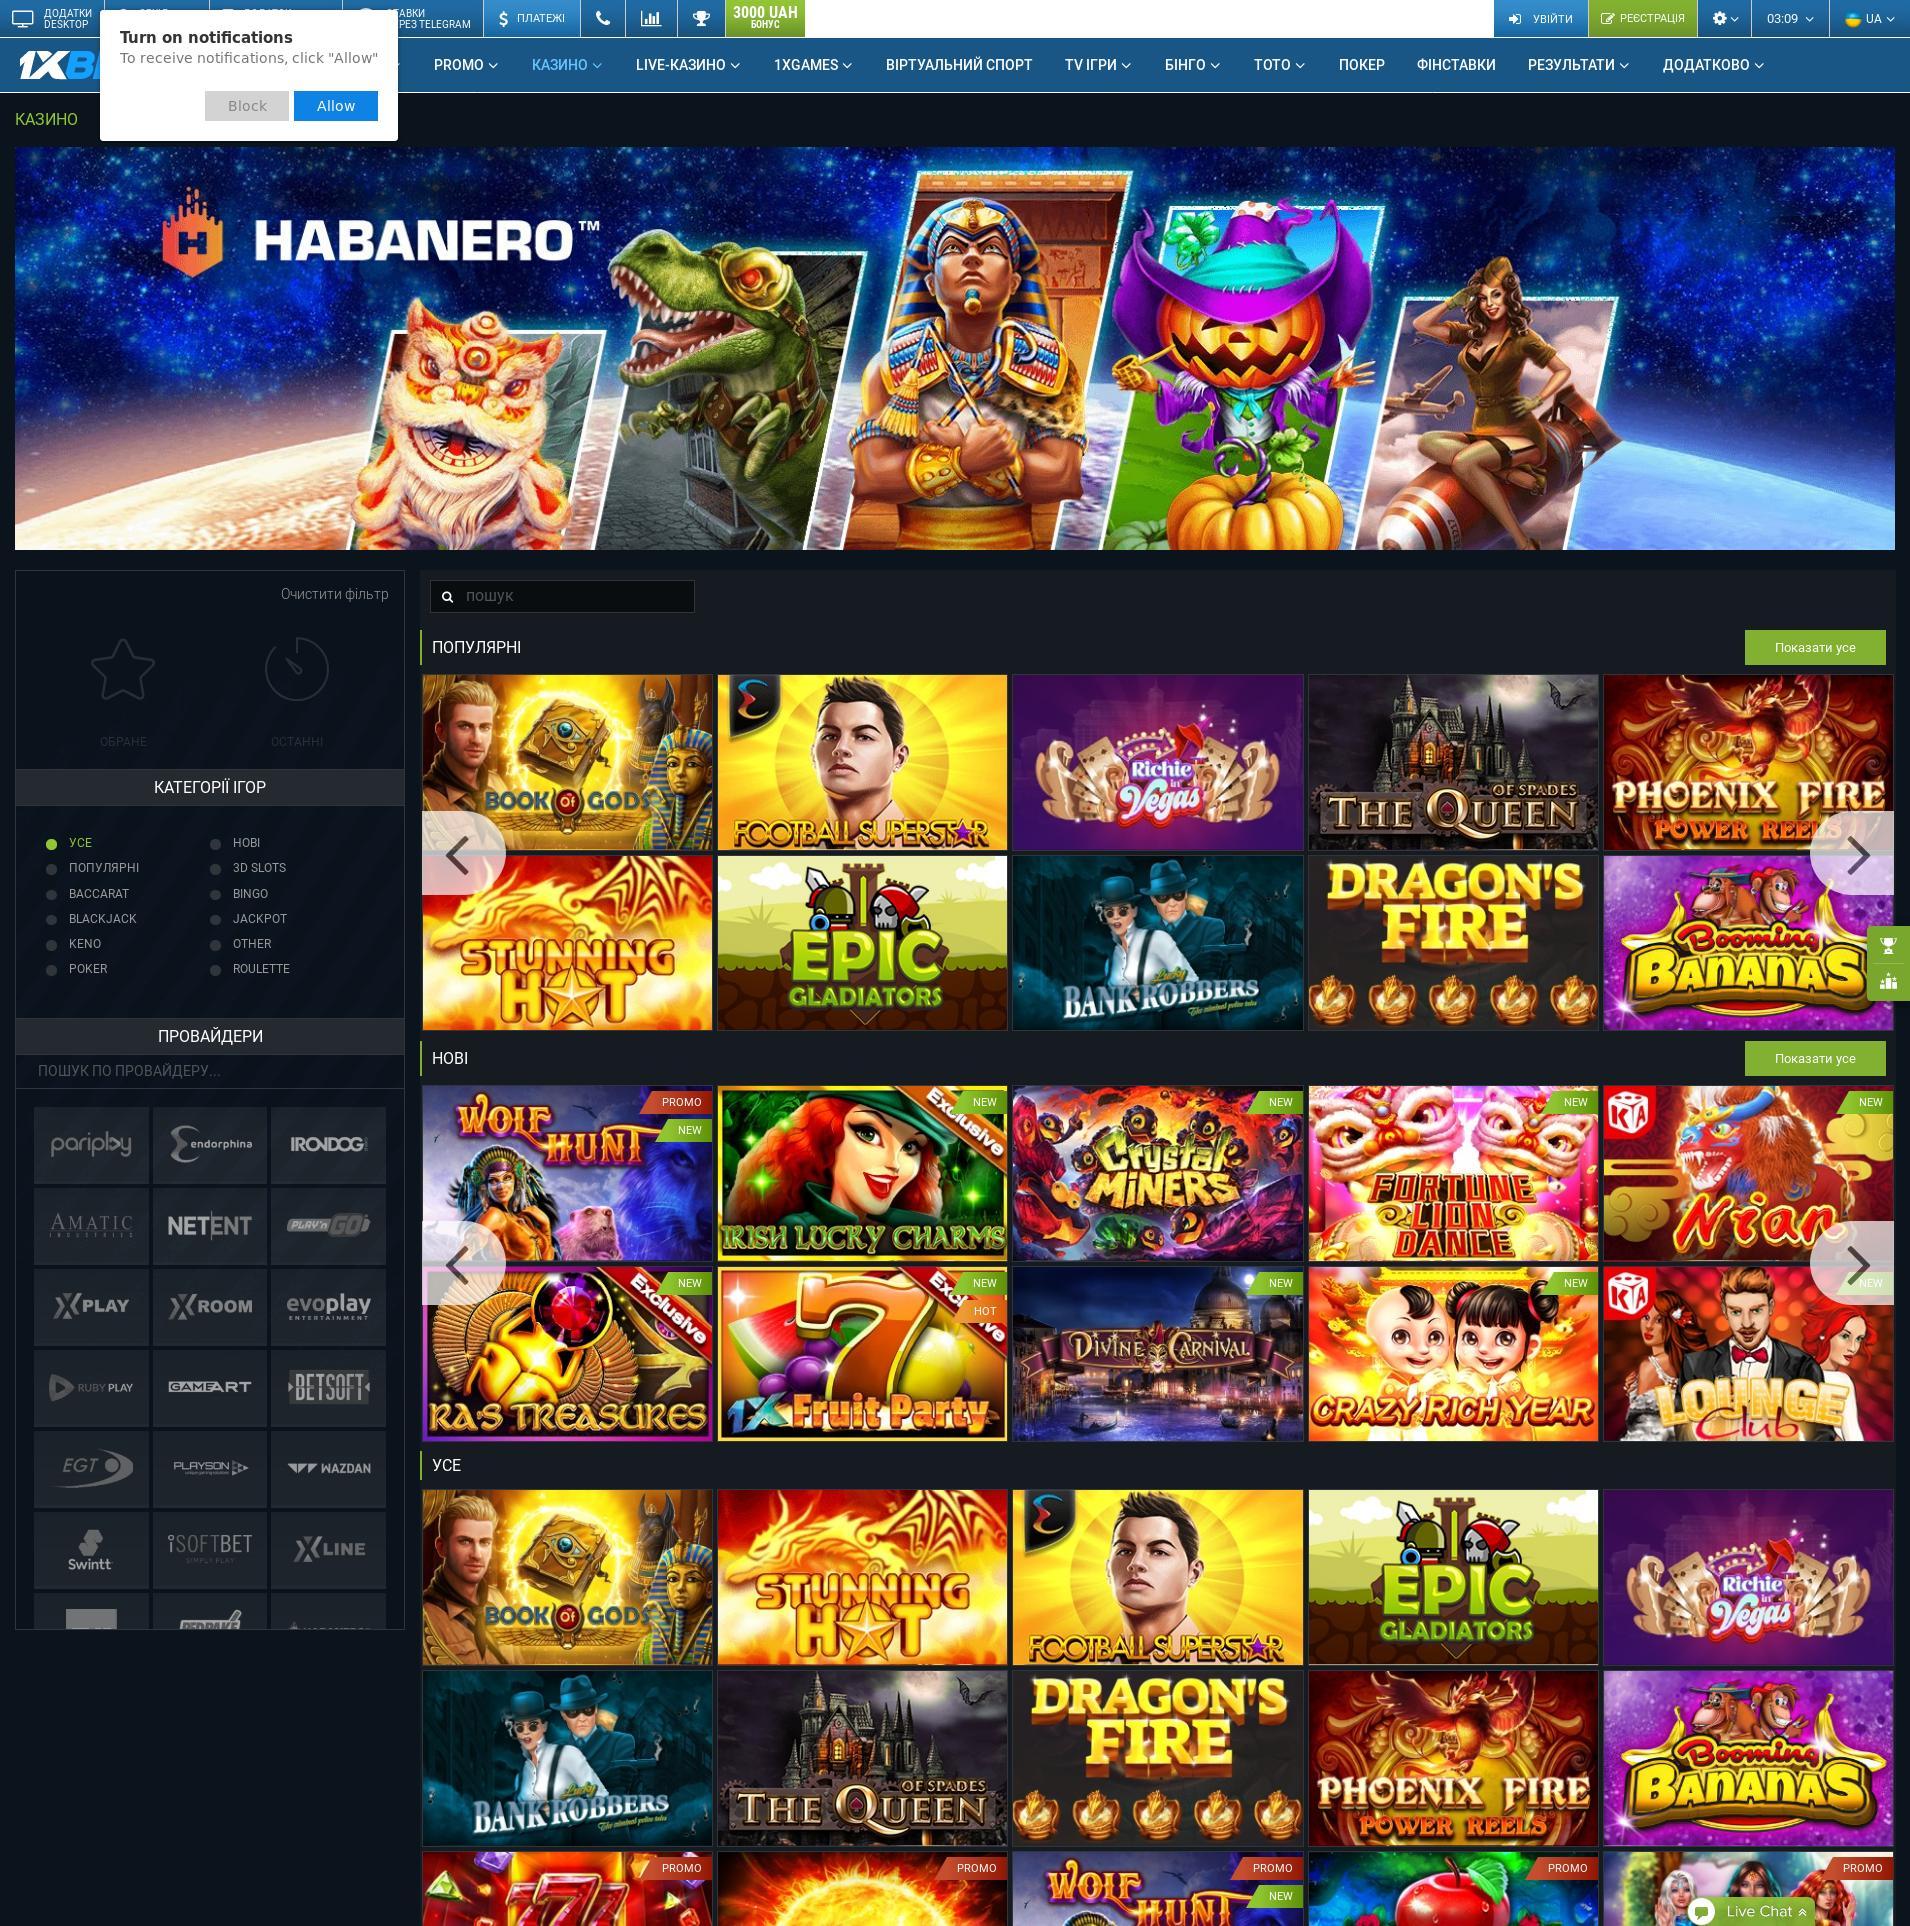 Casino Bildschirm Lobby 2020-01-22 zum Ukraine